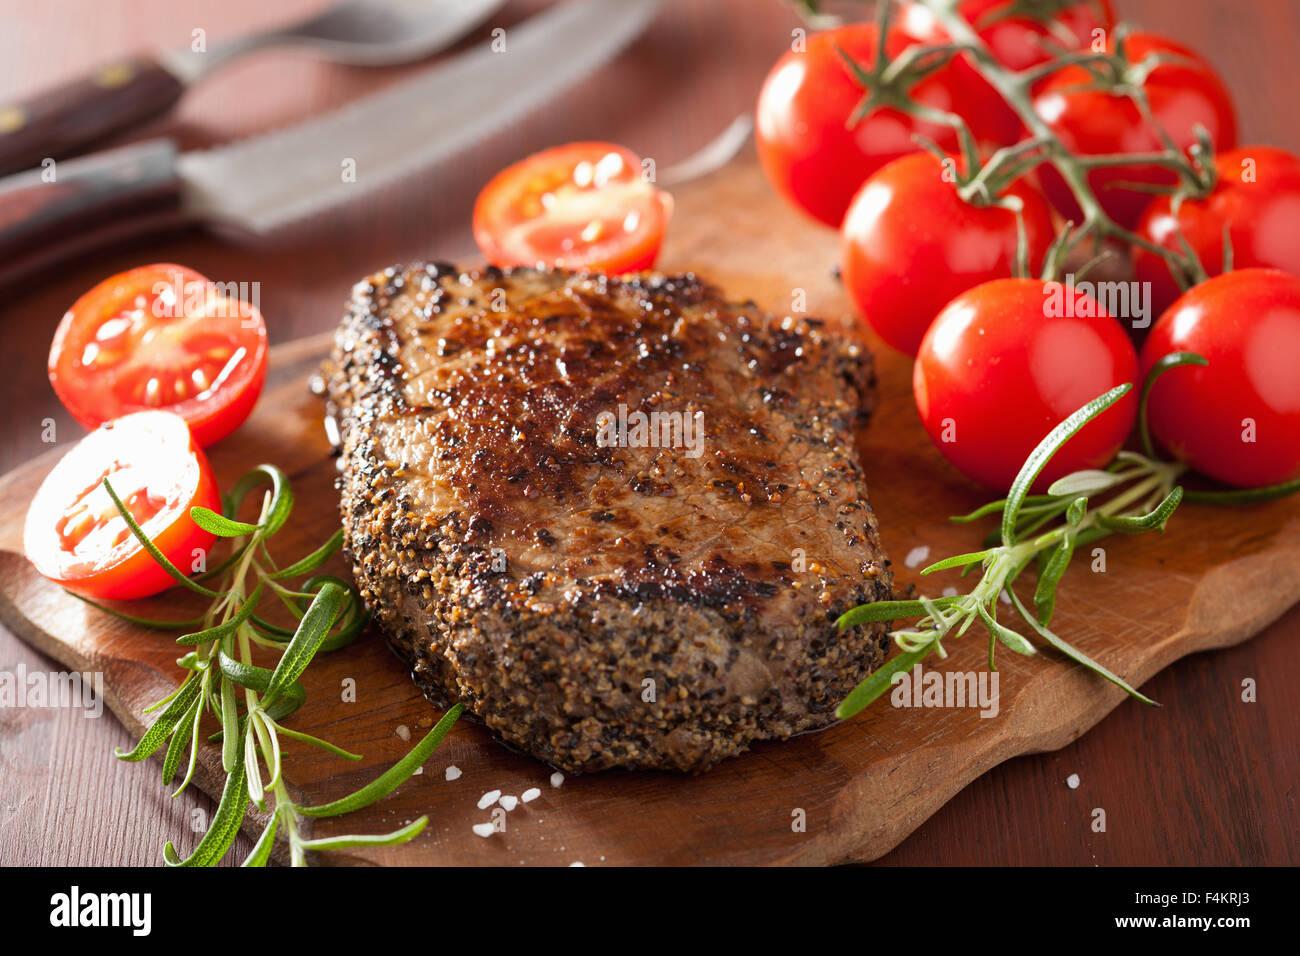 Rindersteak mit Gewürzen und Rosmarin auf hölzernen Hintergrund Stockbild